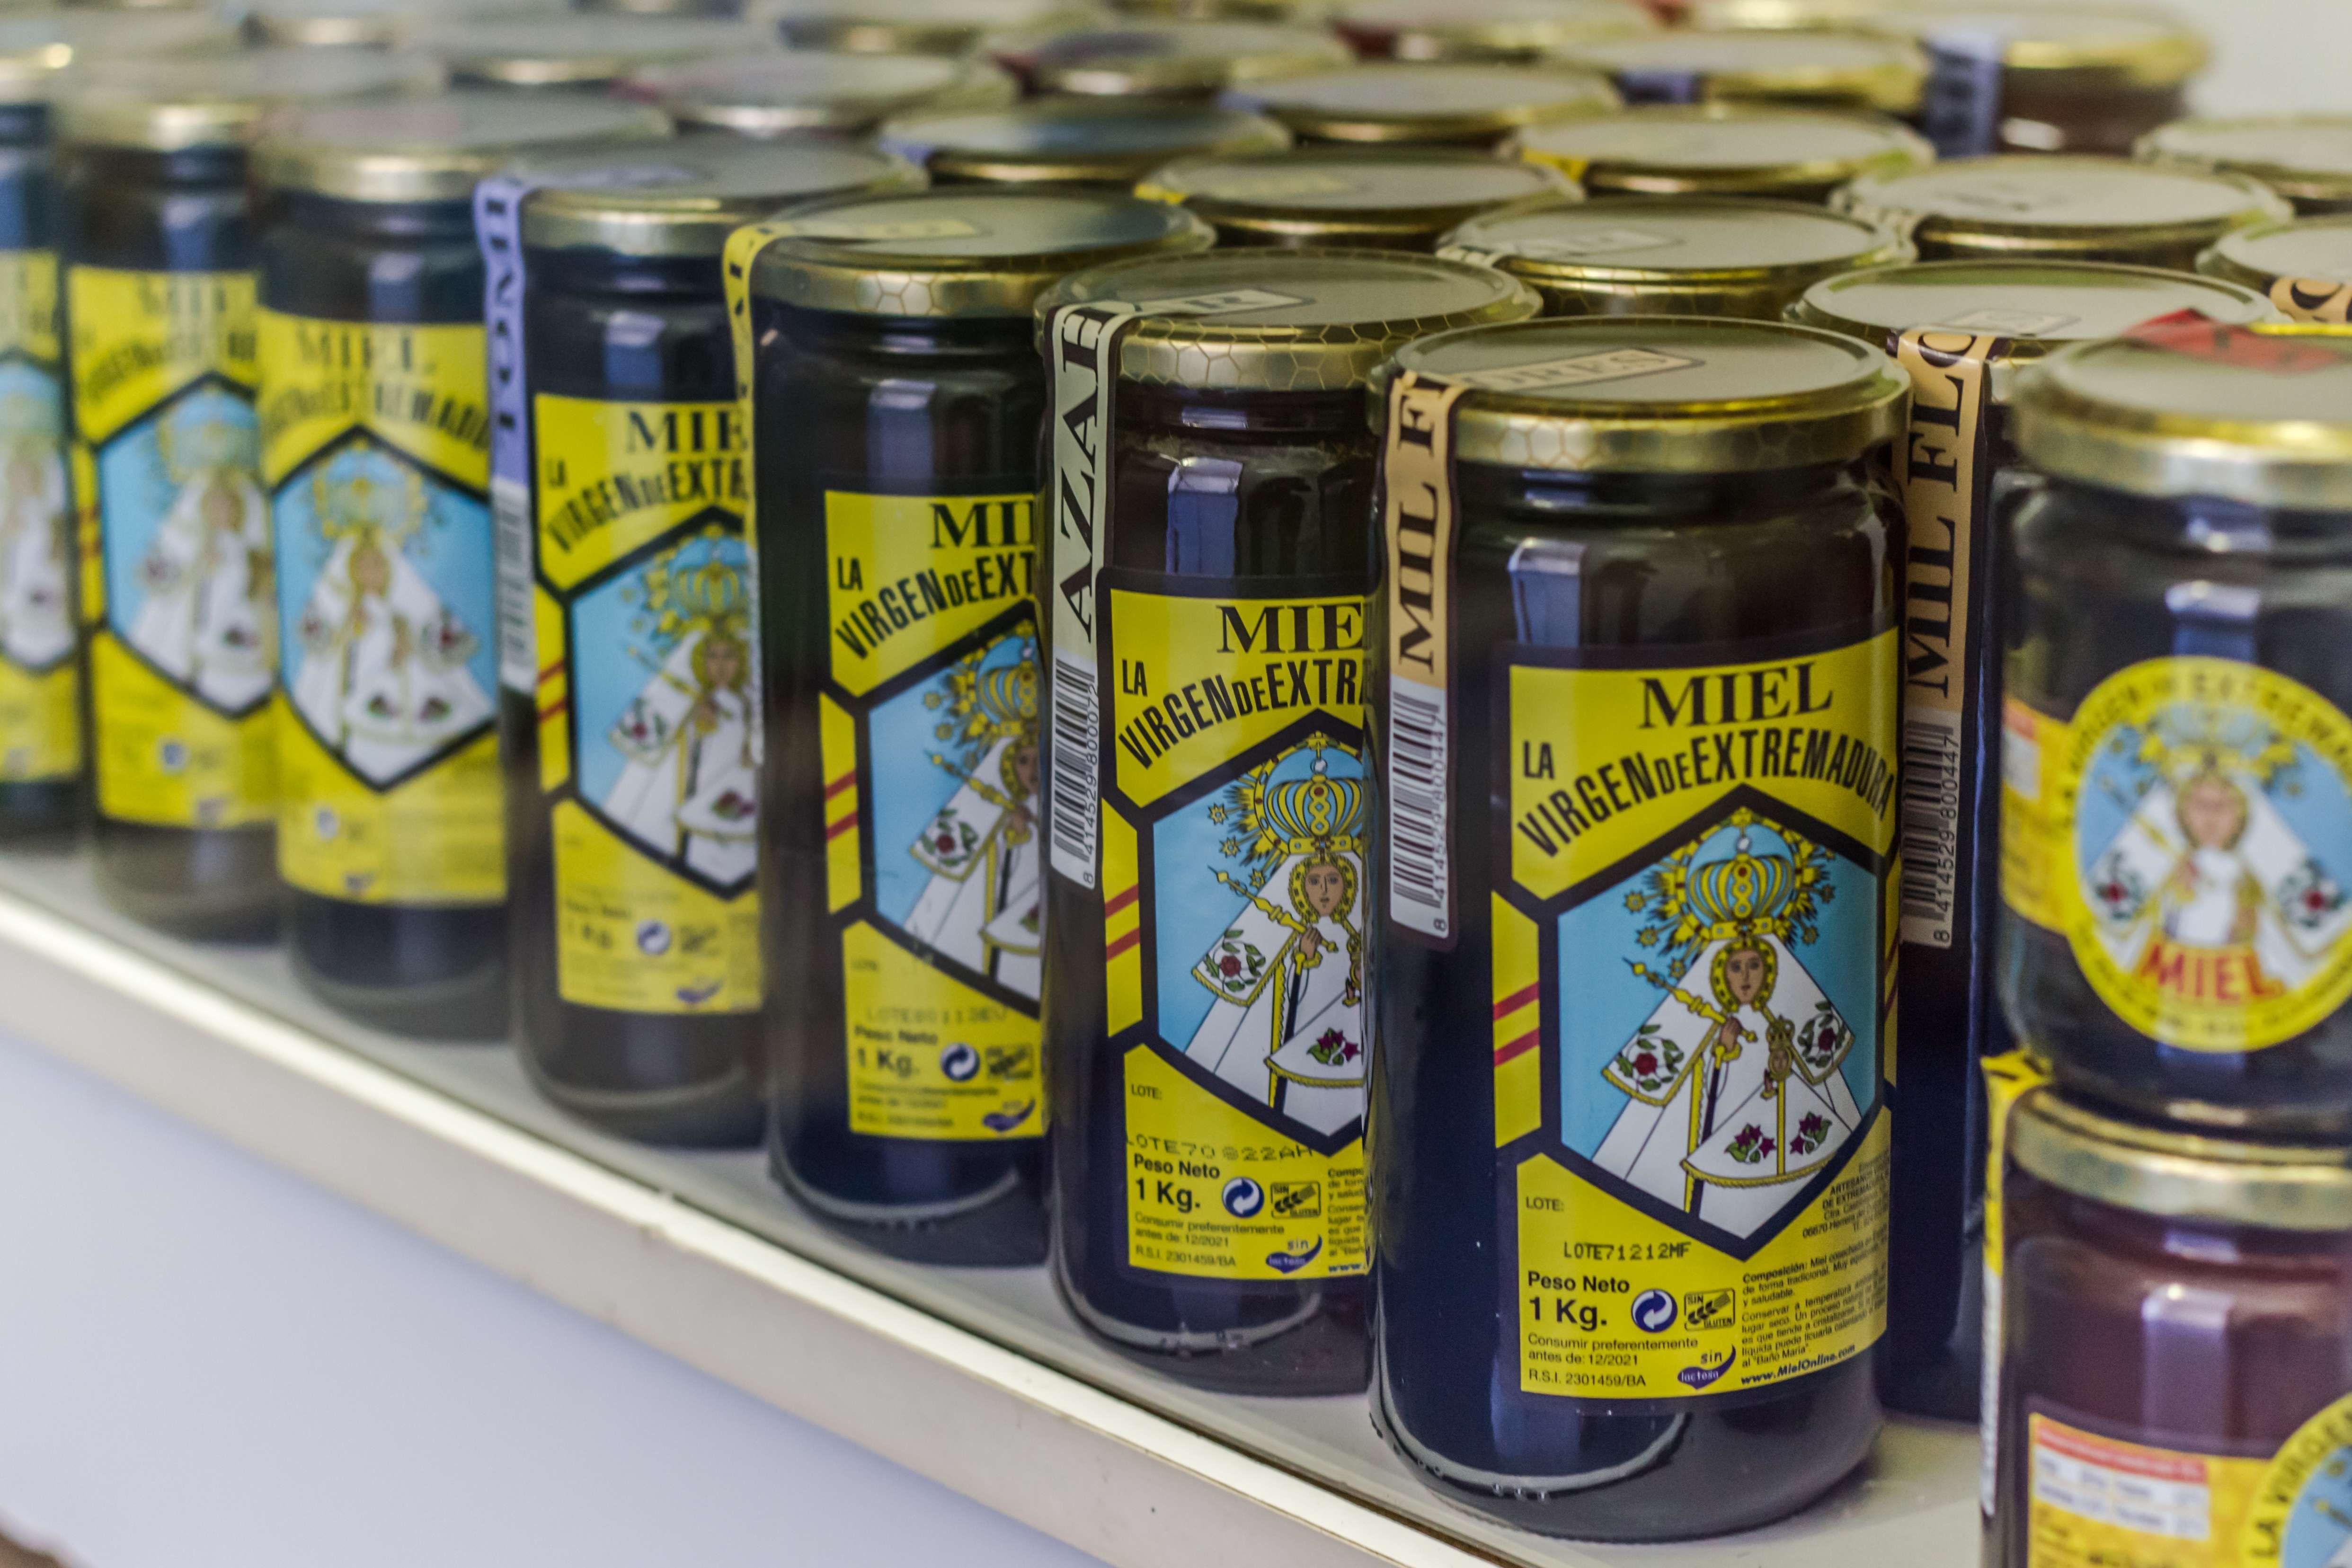 Foto 29 de Venta de miel, productos dietéticos y cosmética natural en Herrera del Duque | Miel Virgen de Extremadura